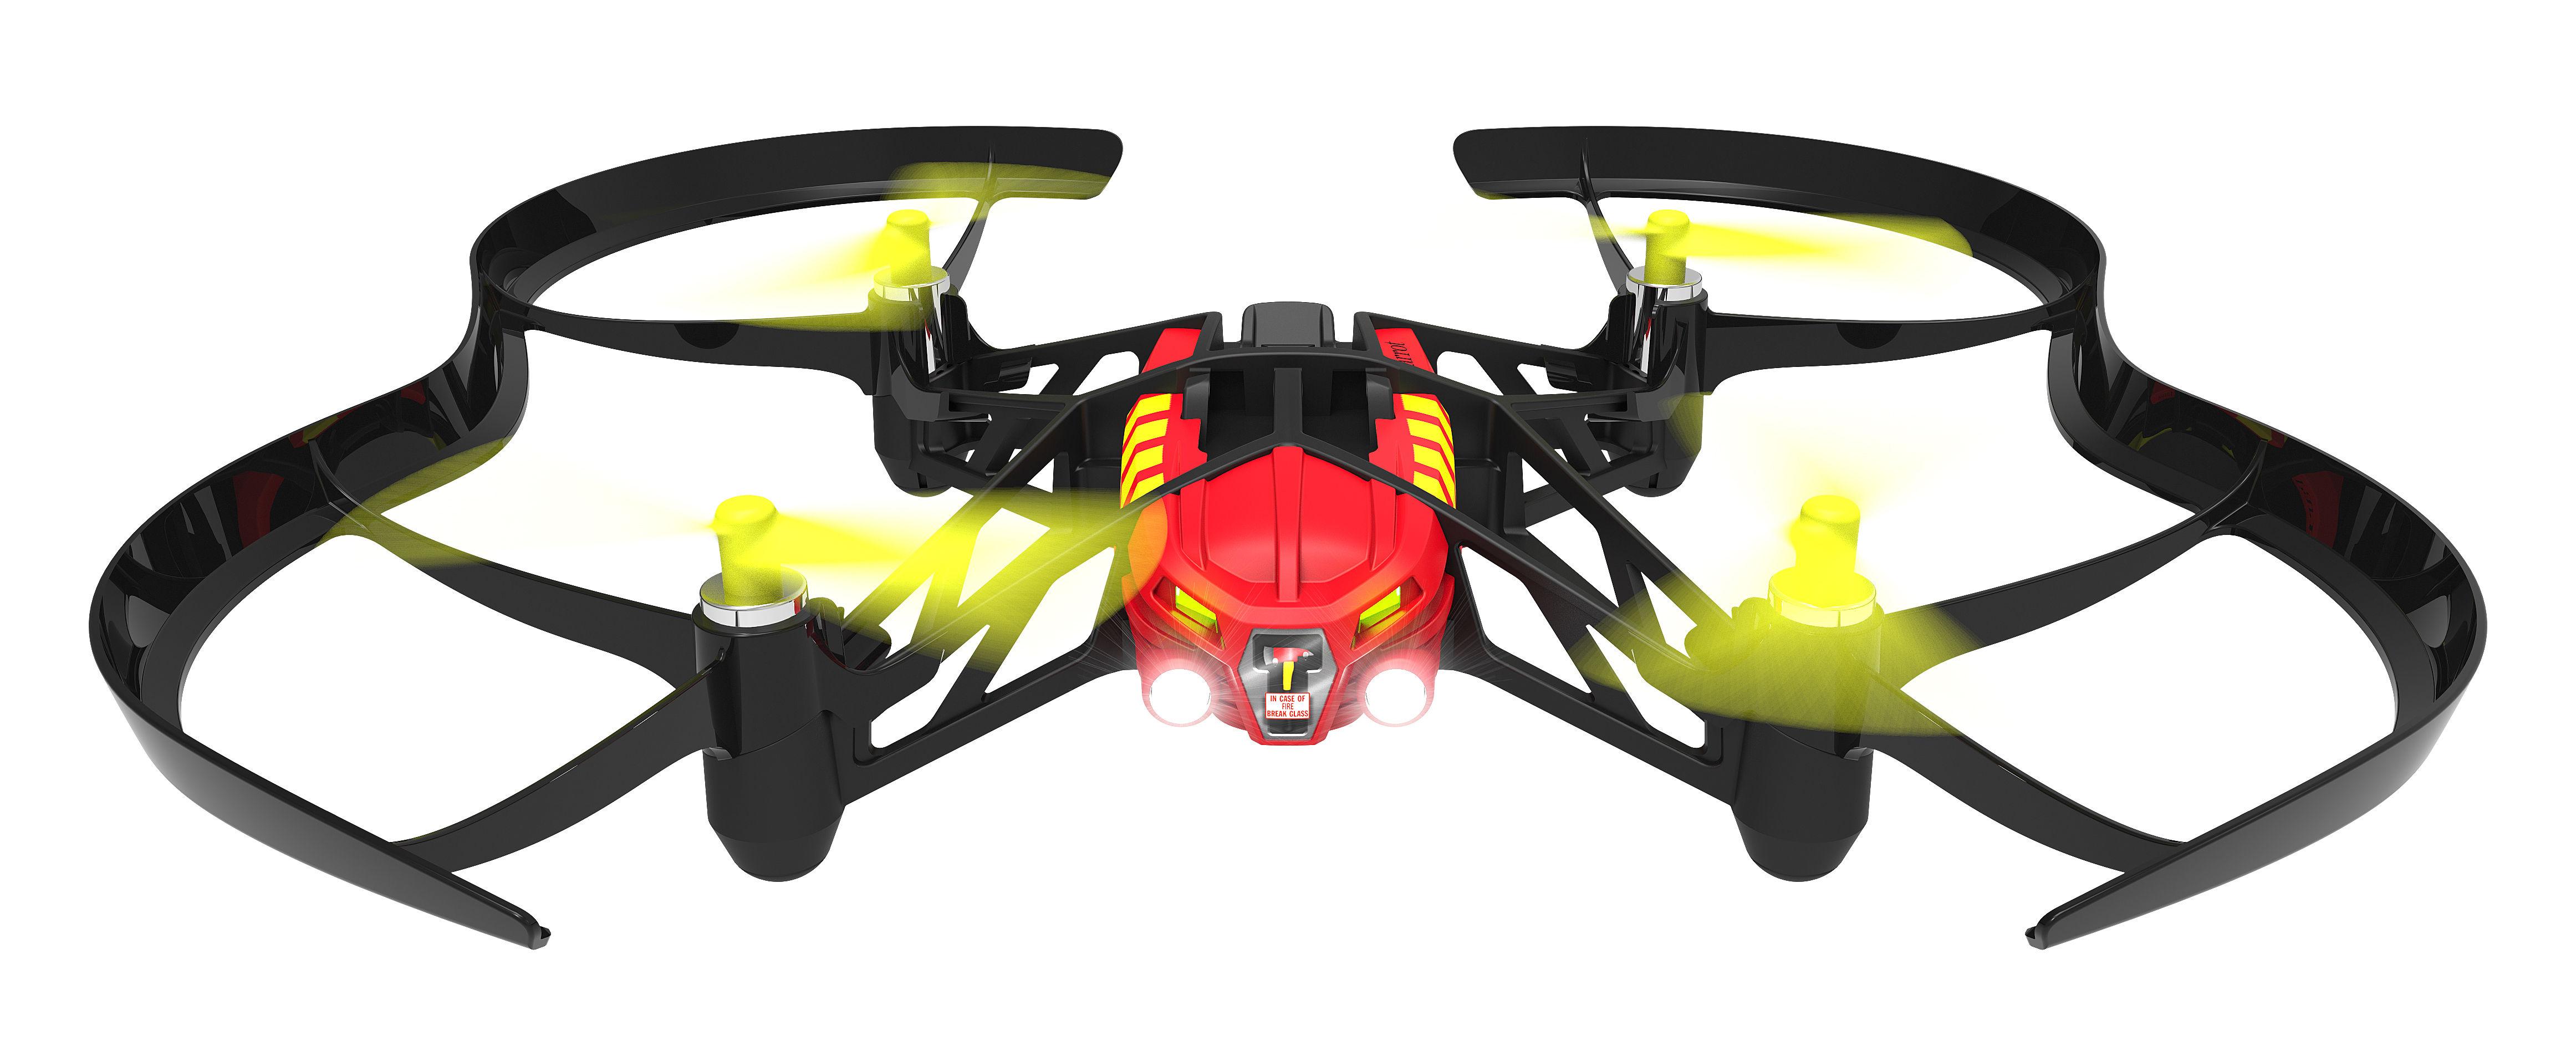 Accessoires - Technik - Airborne Night Blaze Minidrohne / Bluetooth - mit Onboard-Kamera - mit Scheinwerfern - Parrot - Rot & gelb / schwarz - Polyamid